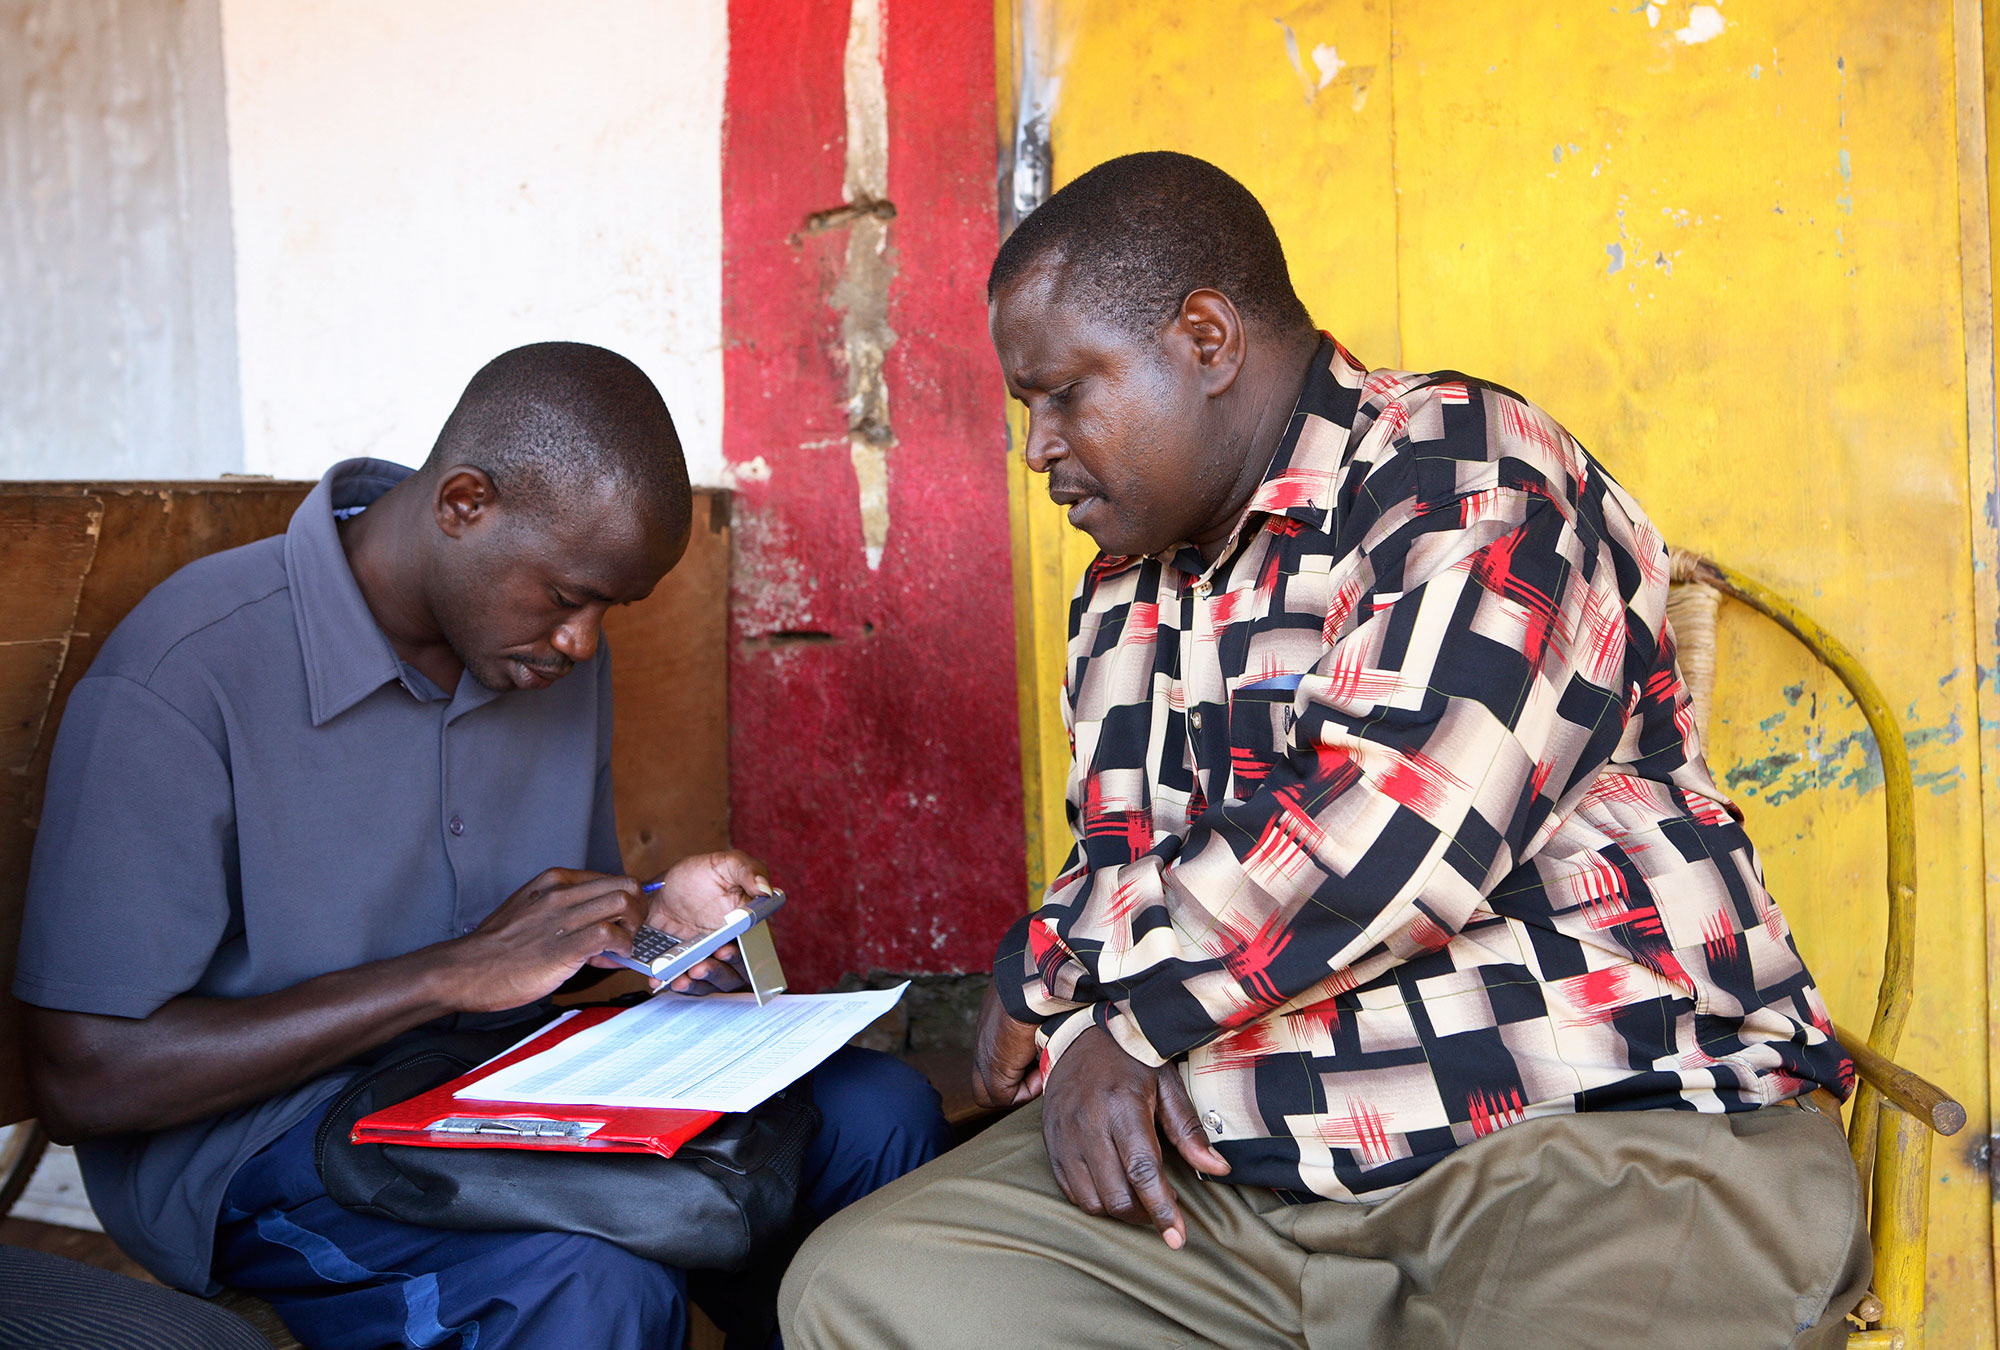 A surveyor adds up the numbers in Nairobi, Kenya